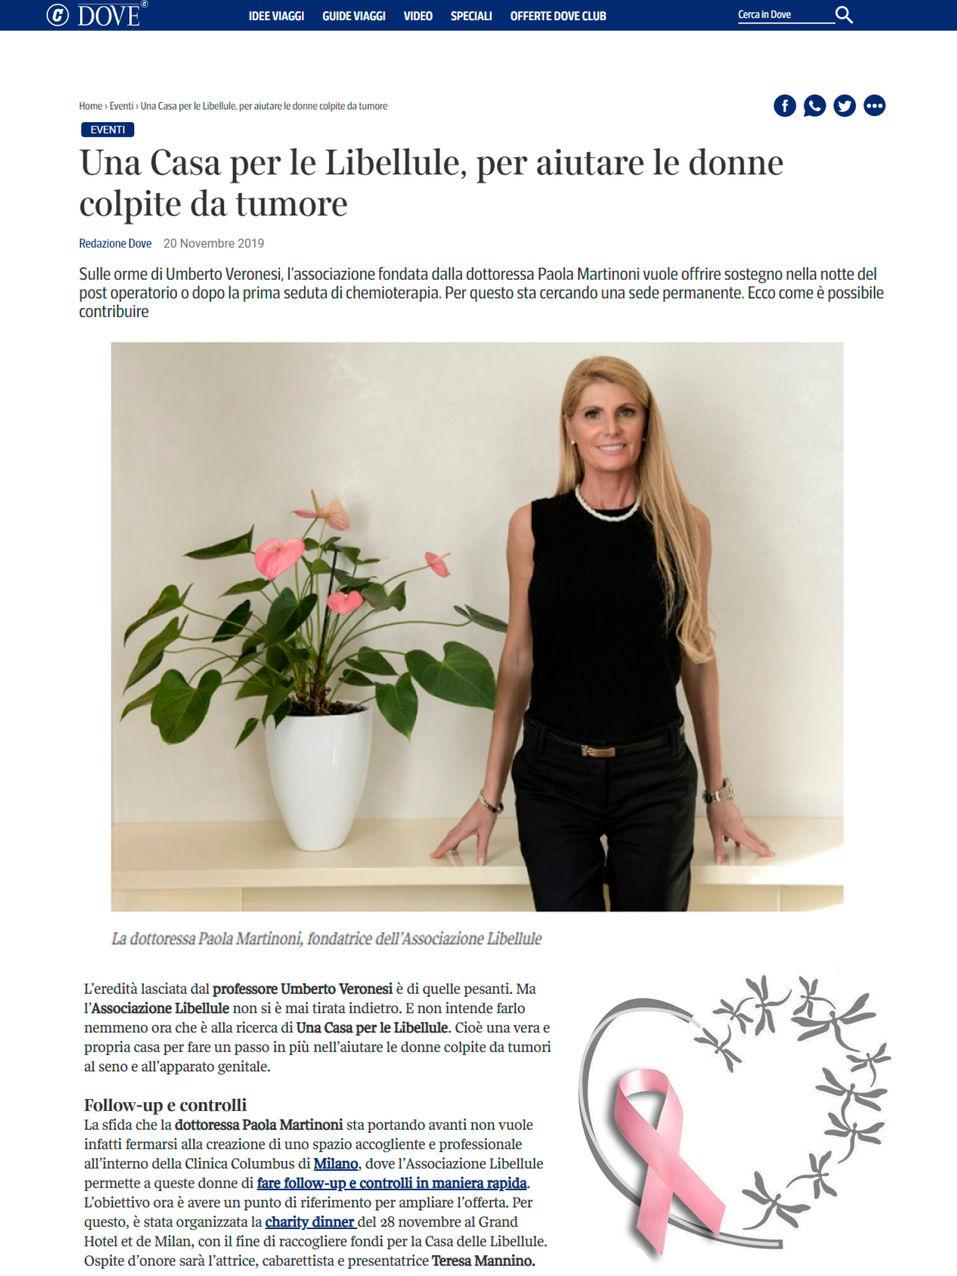 Dove Corriere.it -  29.11.19